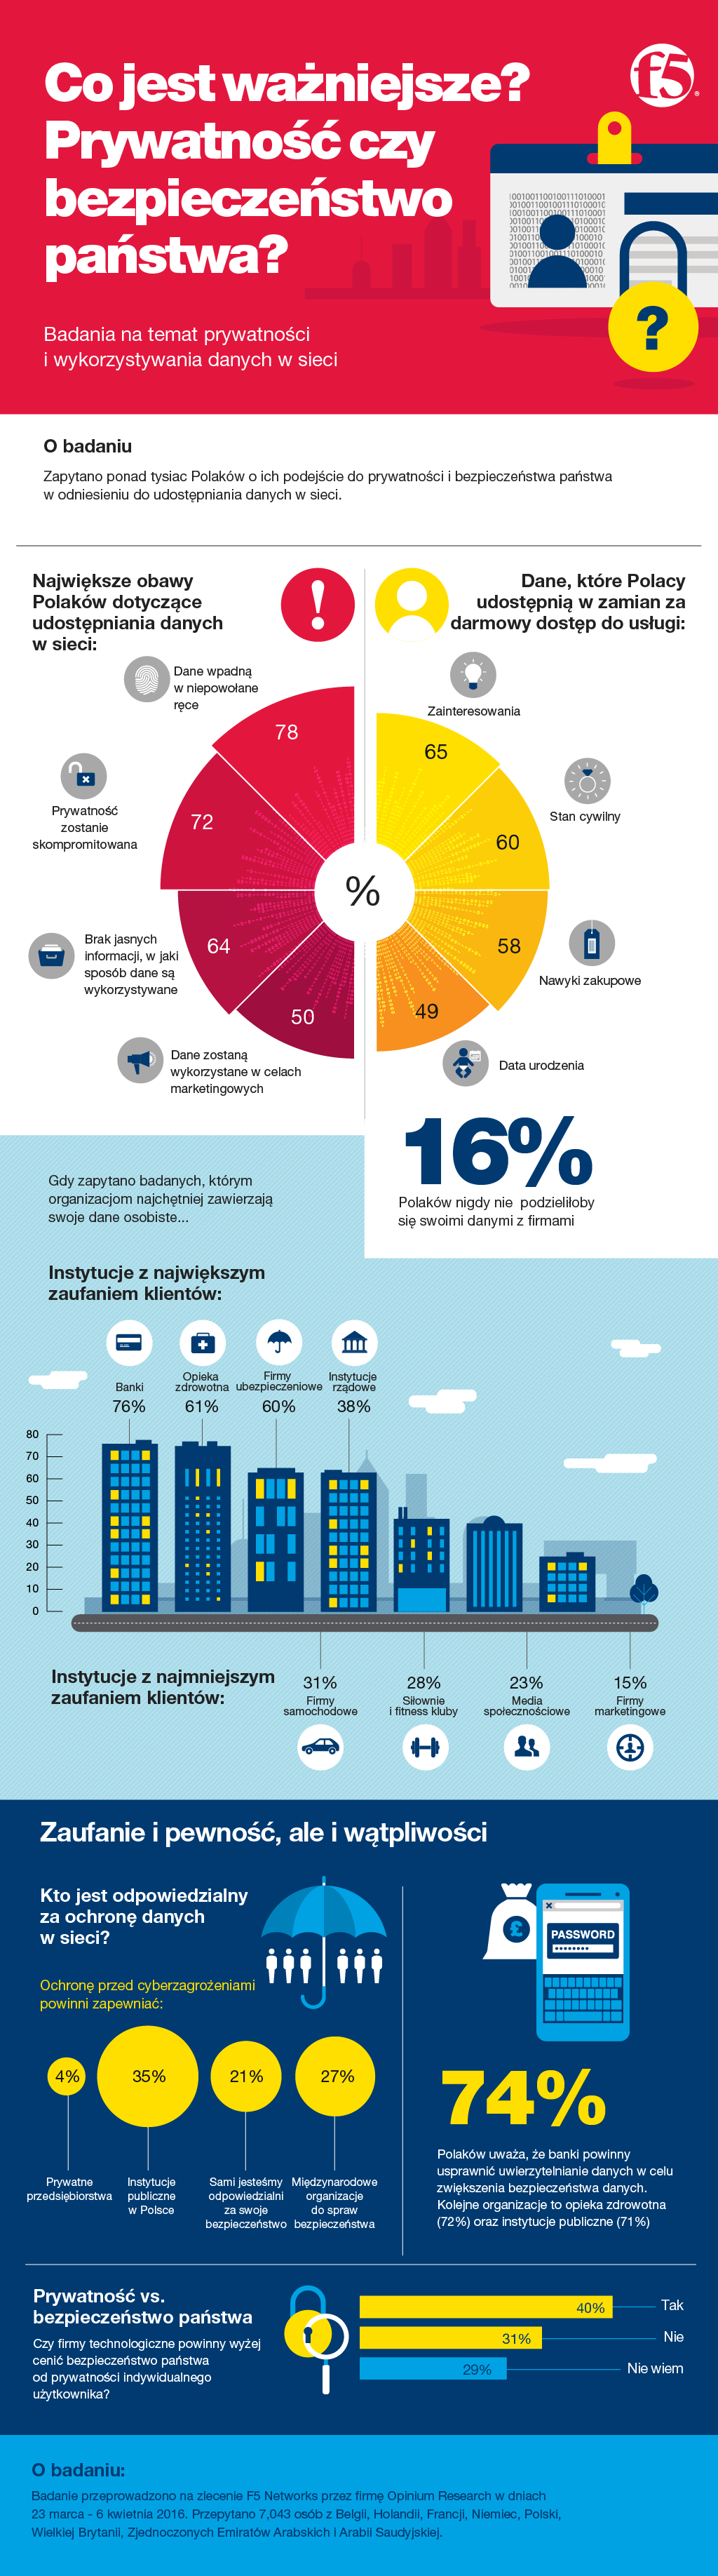 Infografika-Prywatność czy bezpieczeństwo